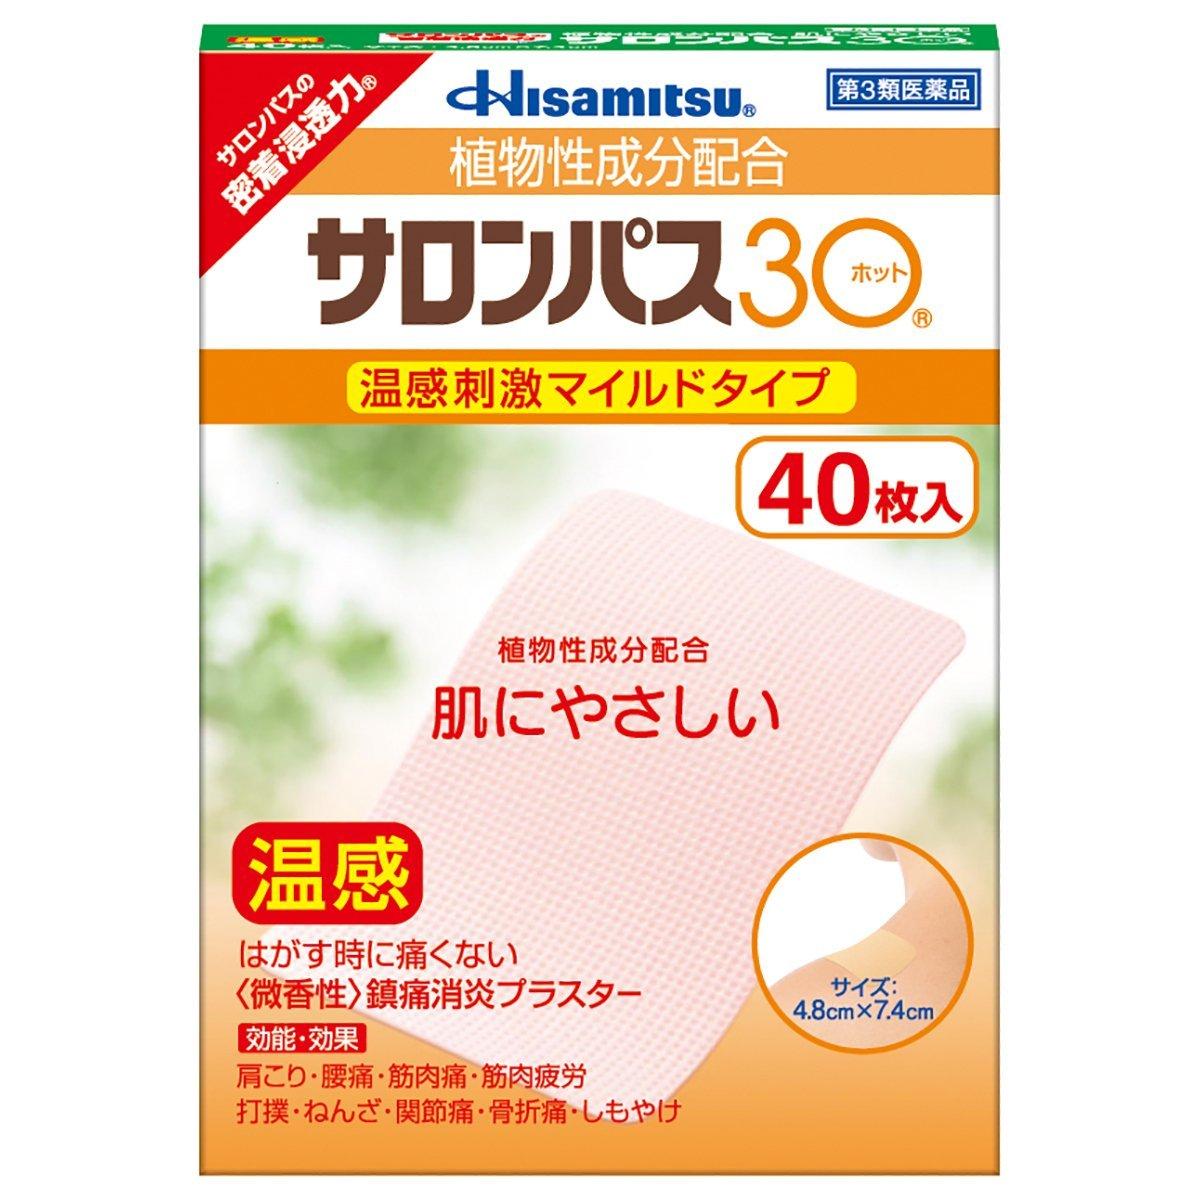 샤론파스 30 온열타입  일본국민파스 효과보장 40매입